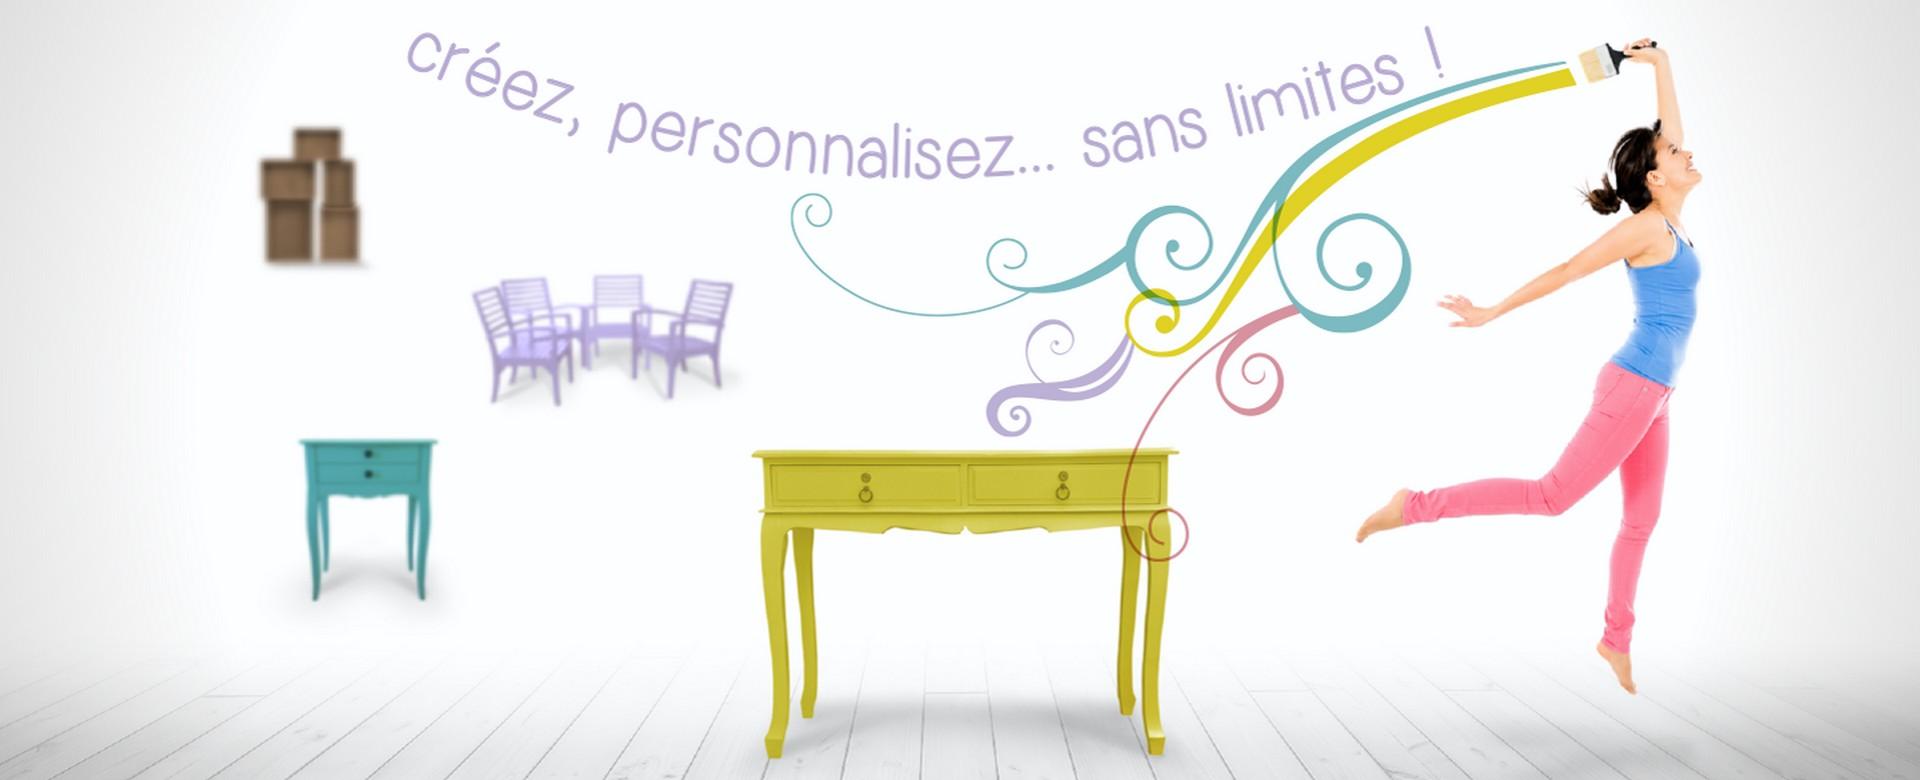 Personnalisez, créez avec Tendance by Syntilor